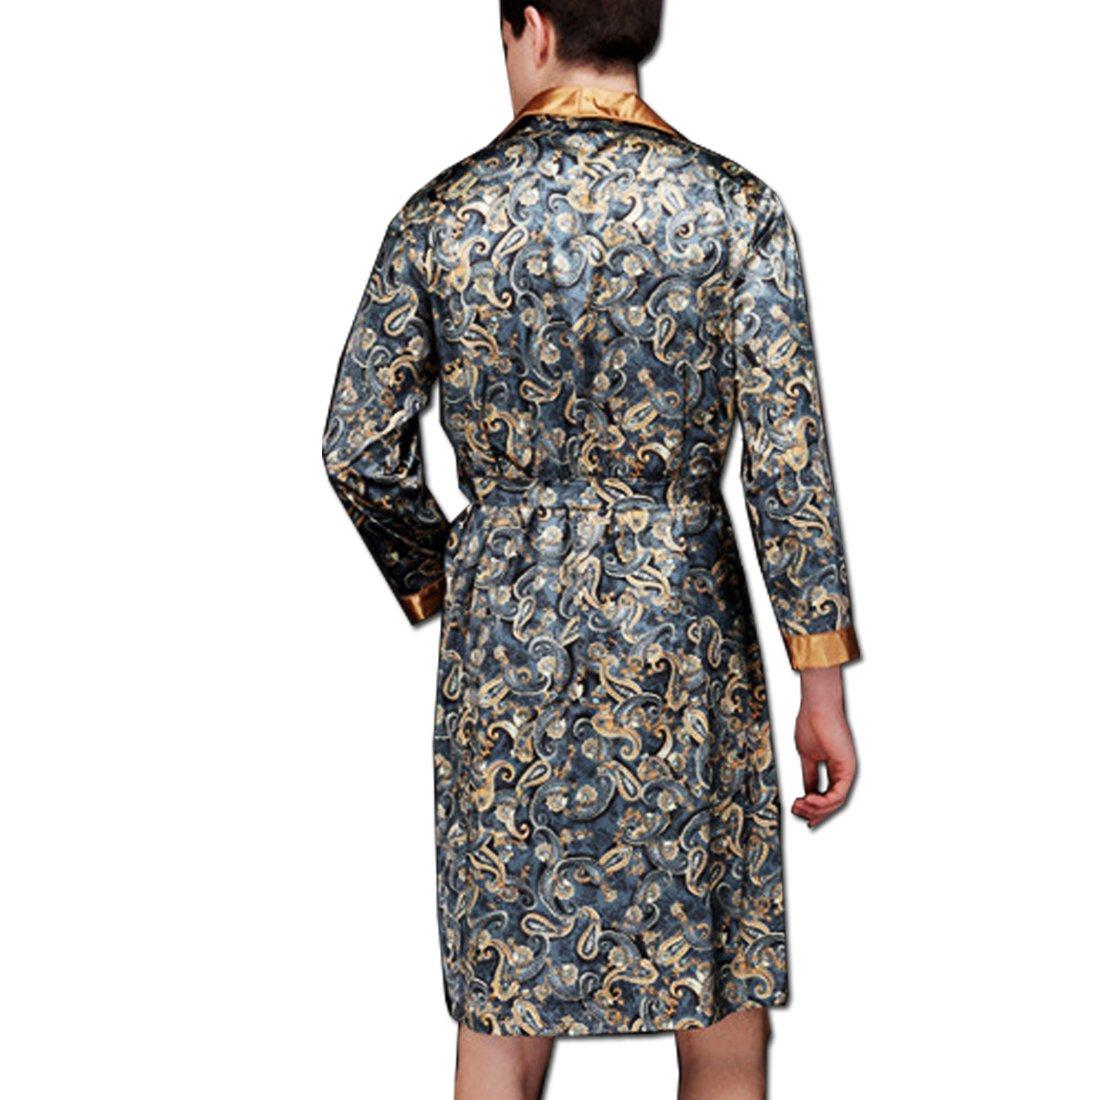 KAXIDY Pigiama da Uomo Kimono da Notte Vestaglie Camicia da Notte Accappatoio